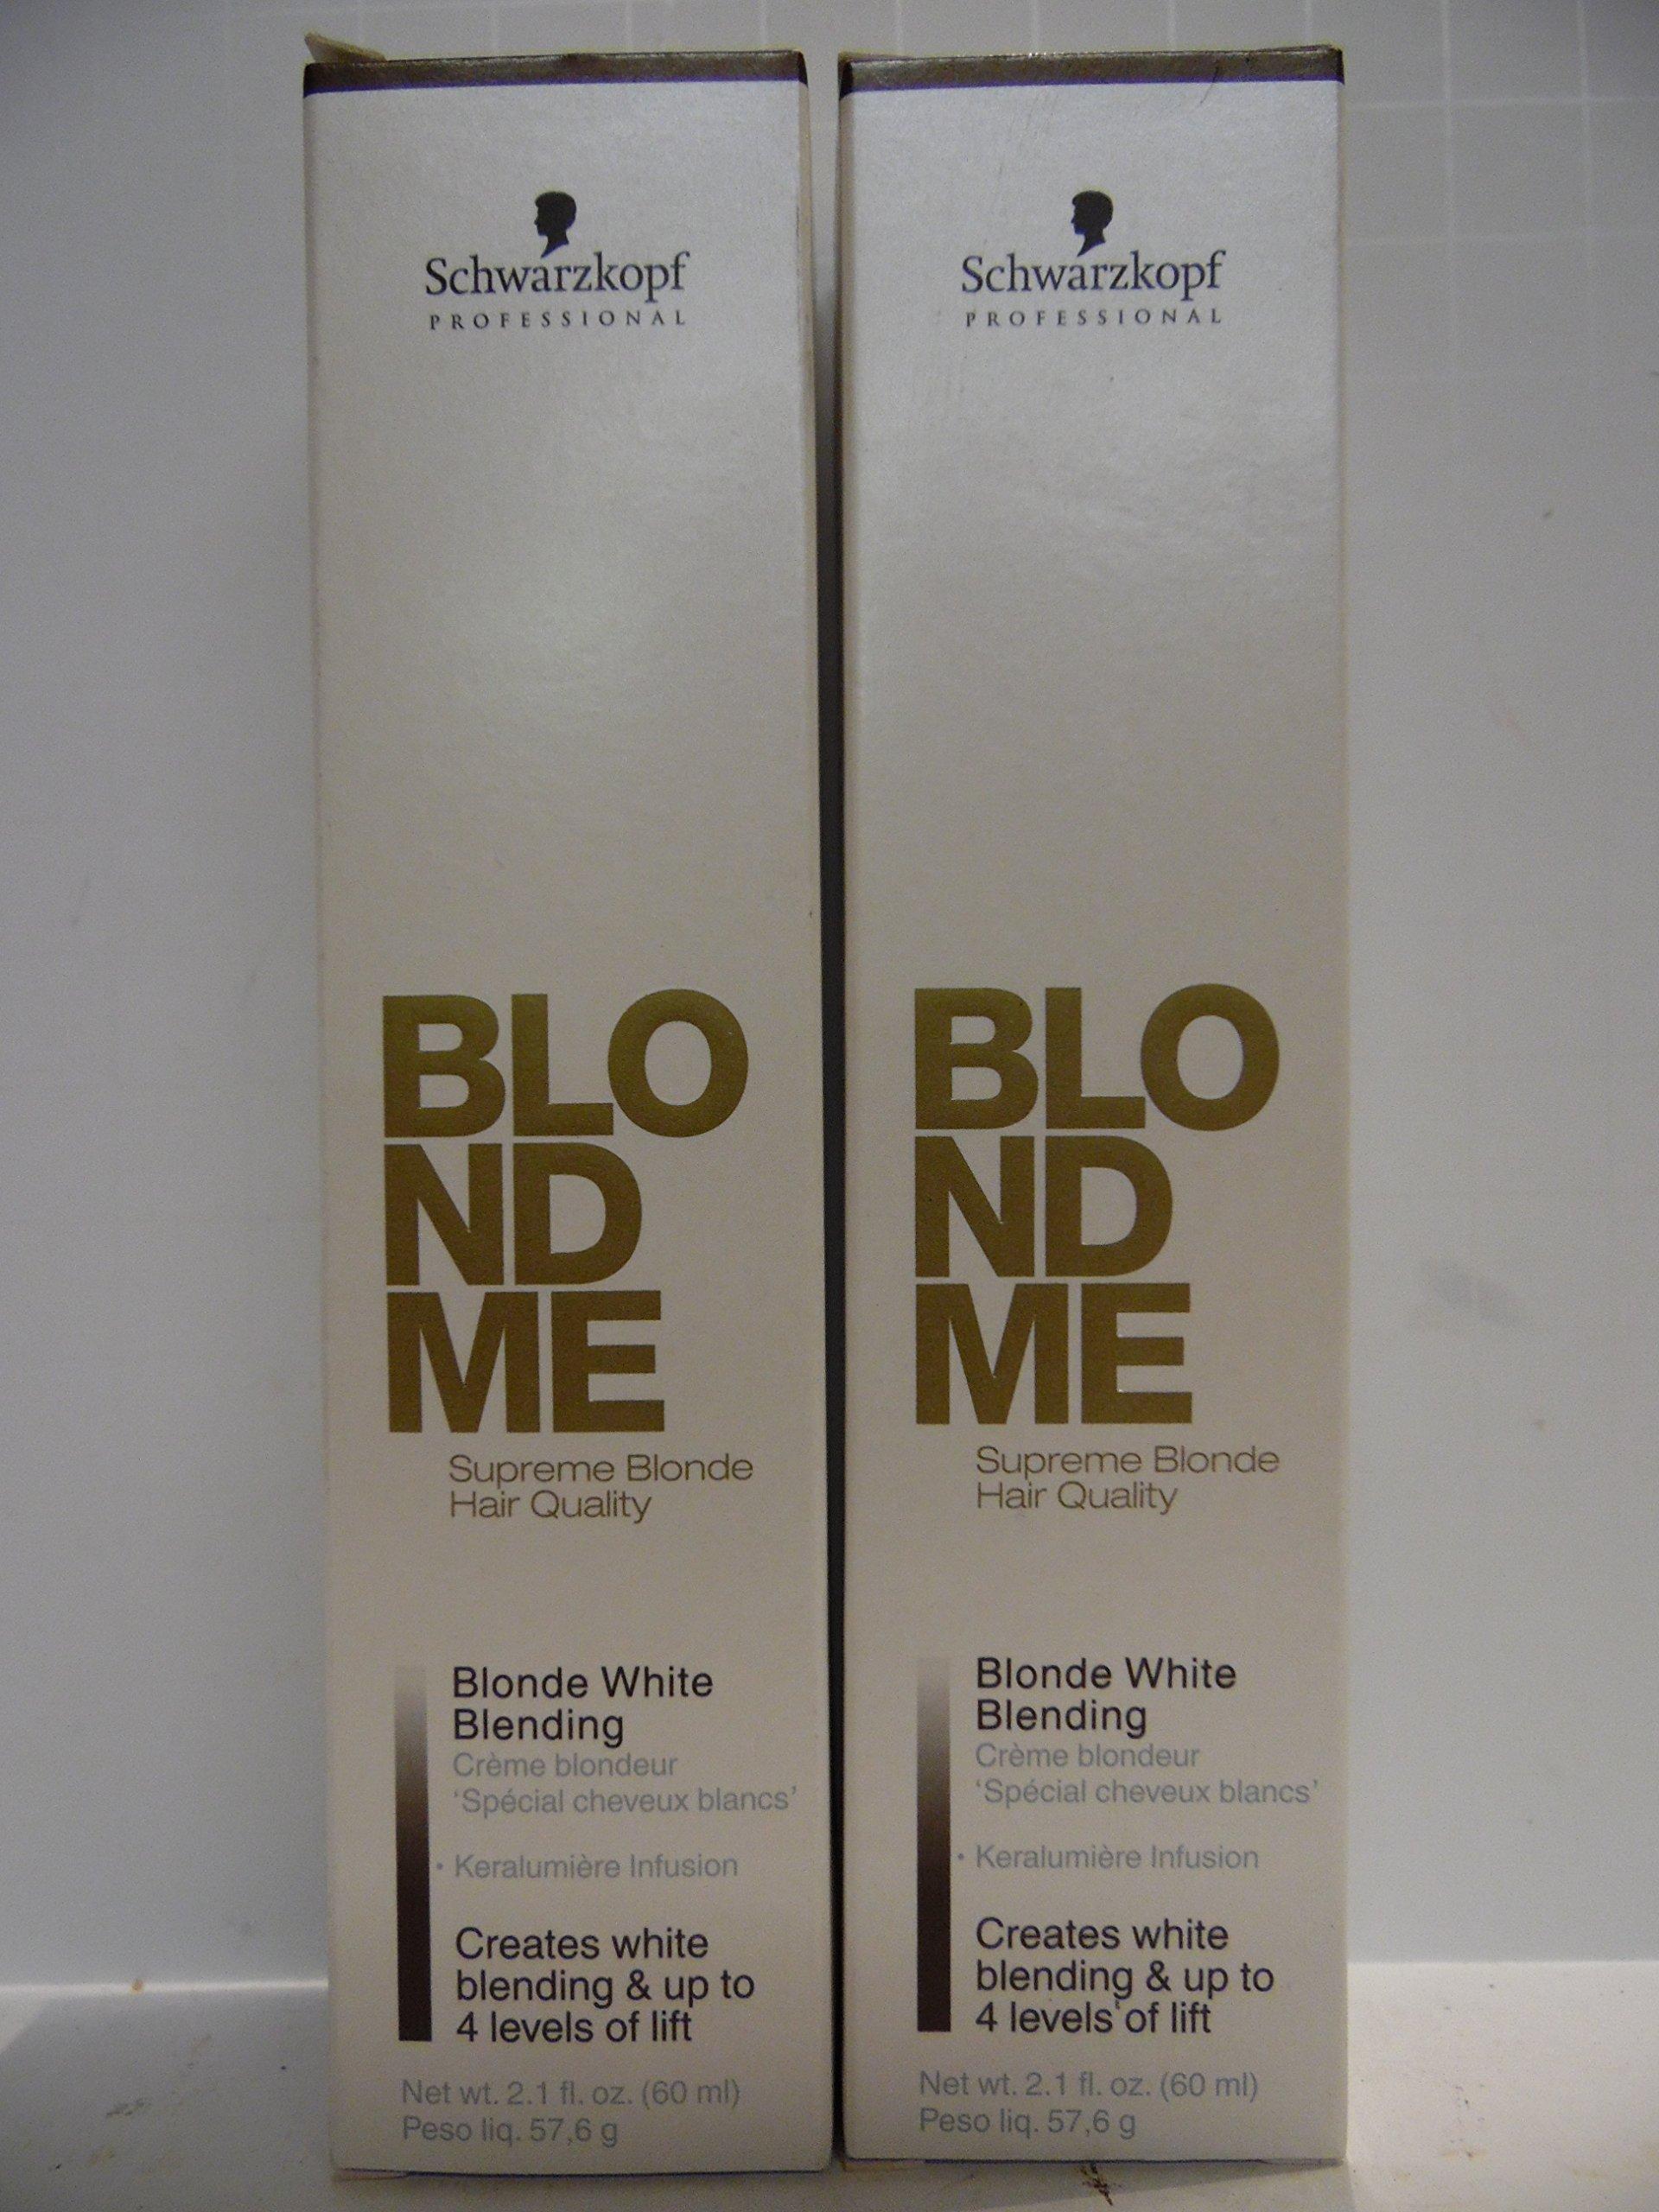 Schwarzkopf Blond Me Blonde White Blending Caramel (2 TUBES) 2.1 Oz Each Tube